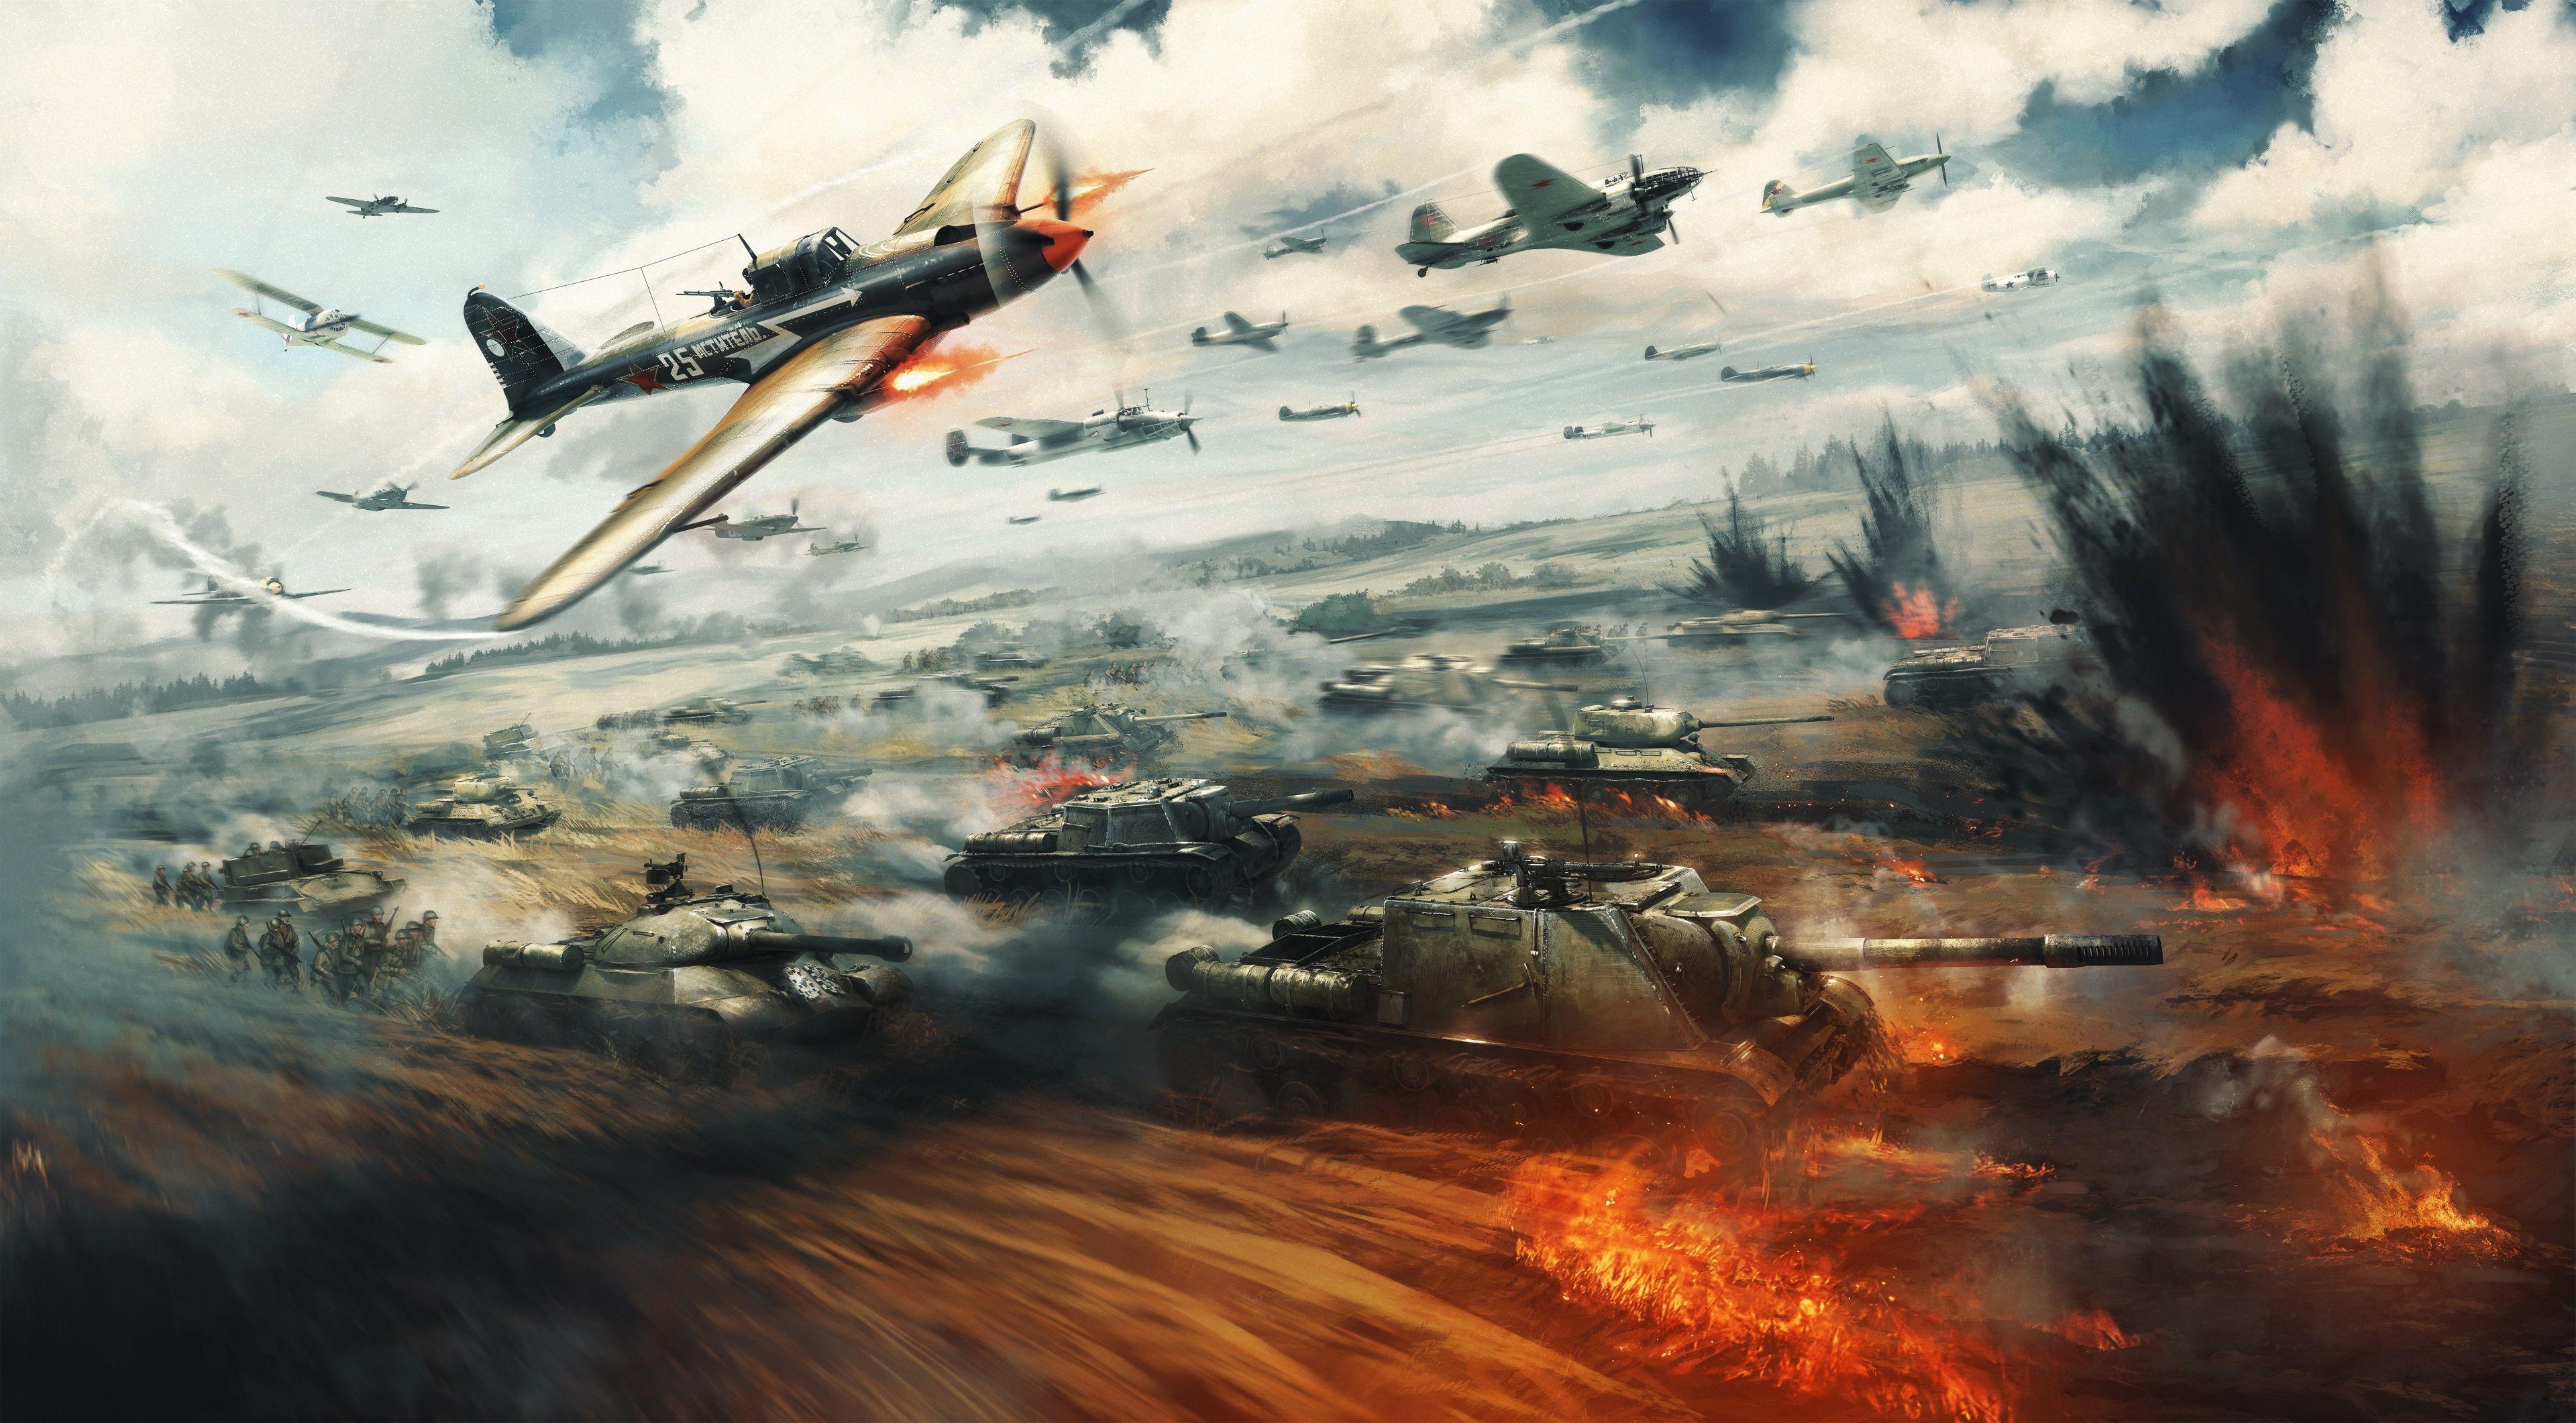 онлайн игры самолеты war thunder скачать бесплатно